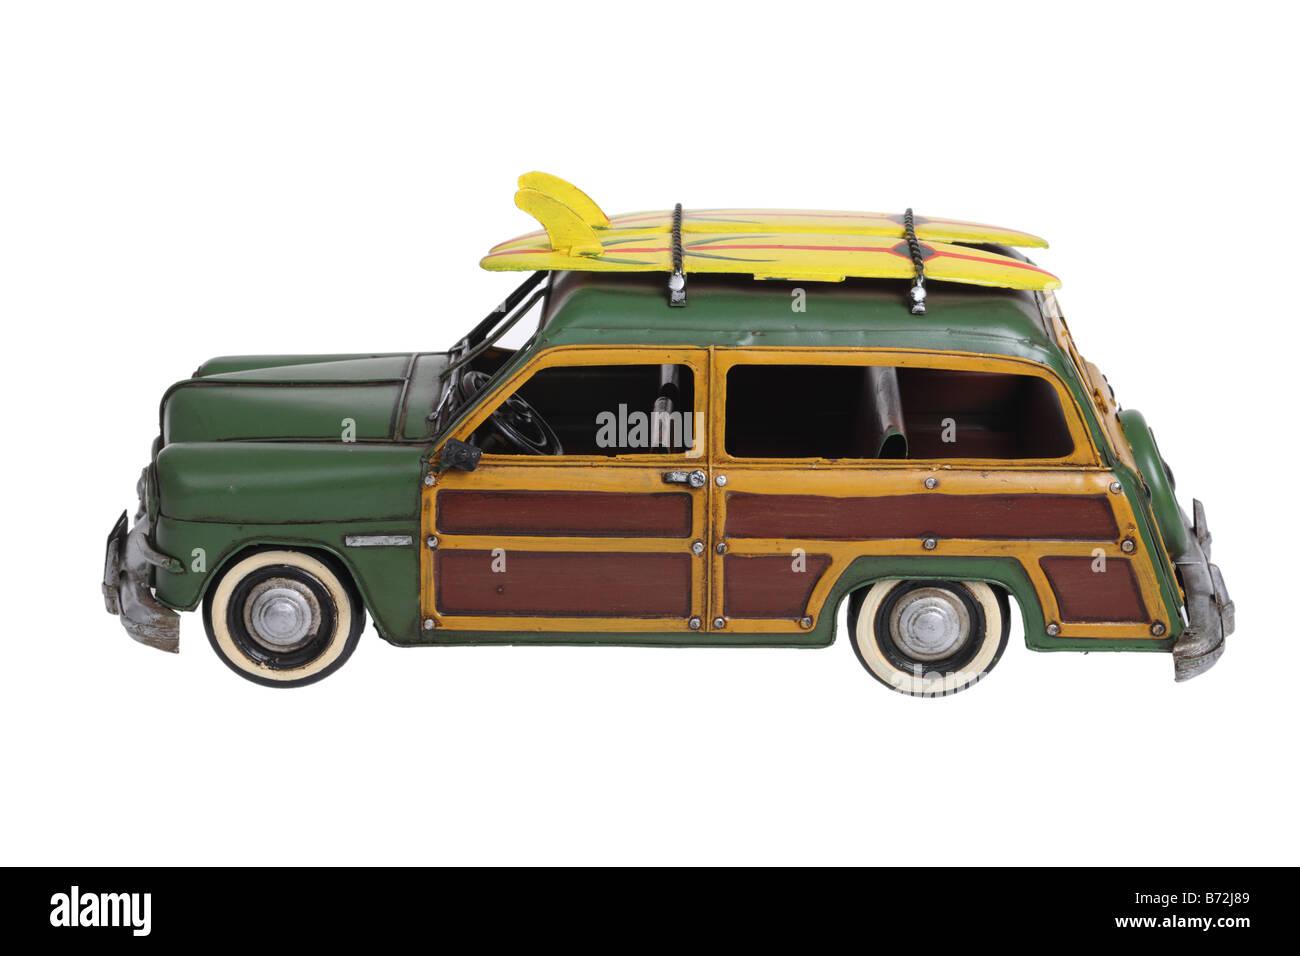 Klassische Woody Surfen Automobil Modell ausgeschnitten auf weißem Hintergrund Stockbild